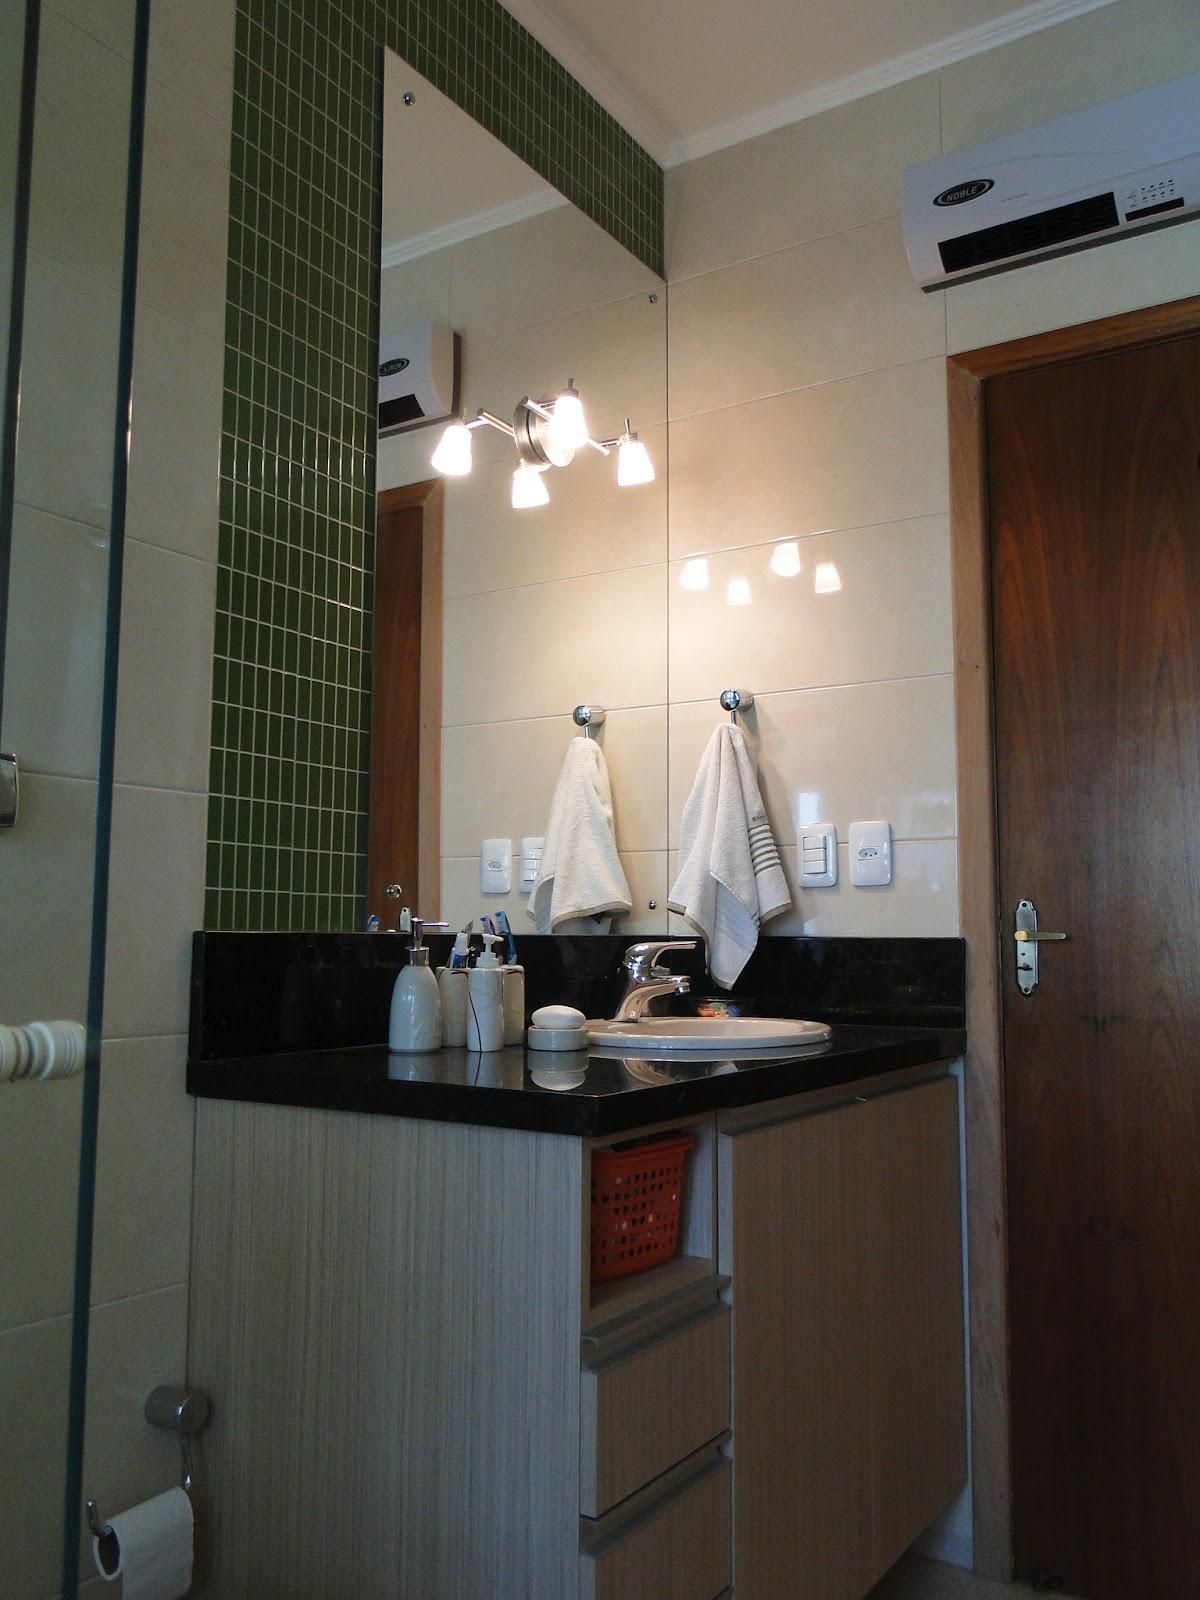 embase arquitetura para projetos de vida: ampliação banheiro #836448 1200 1600